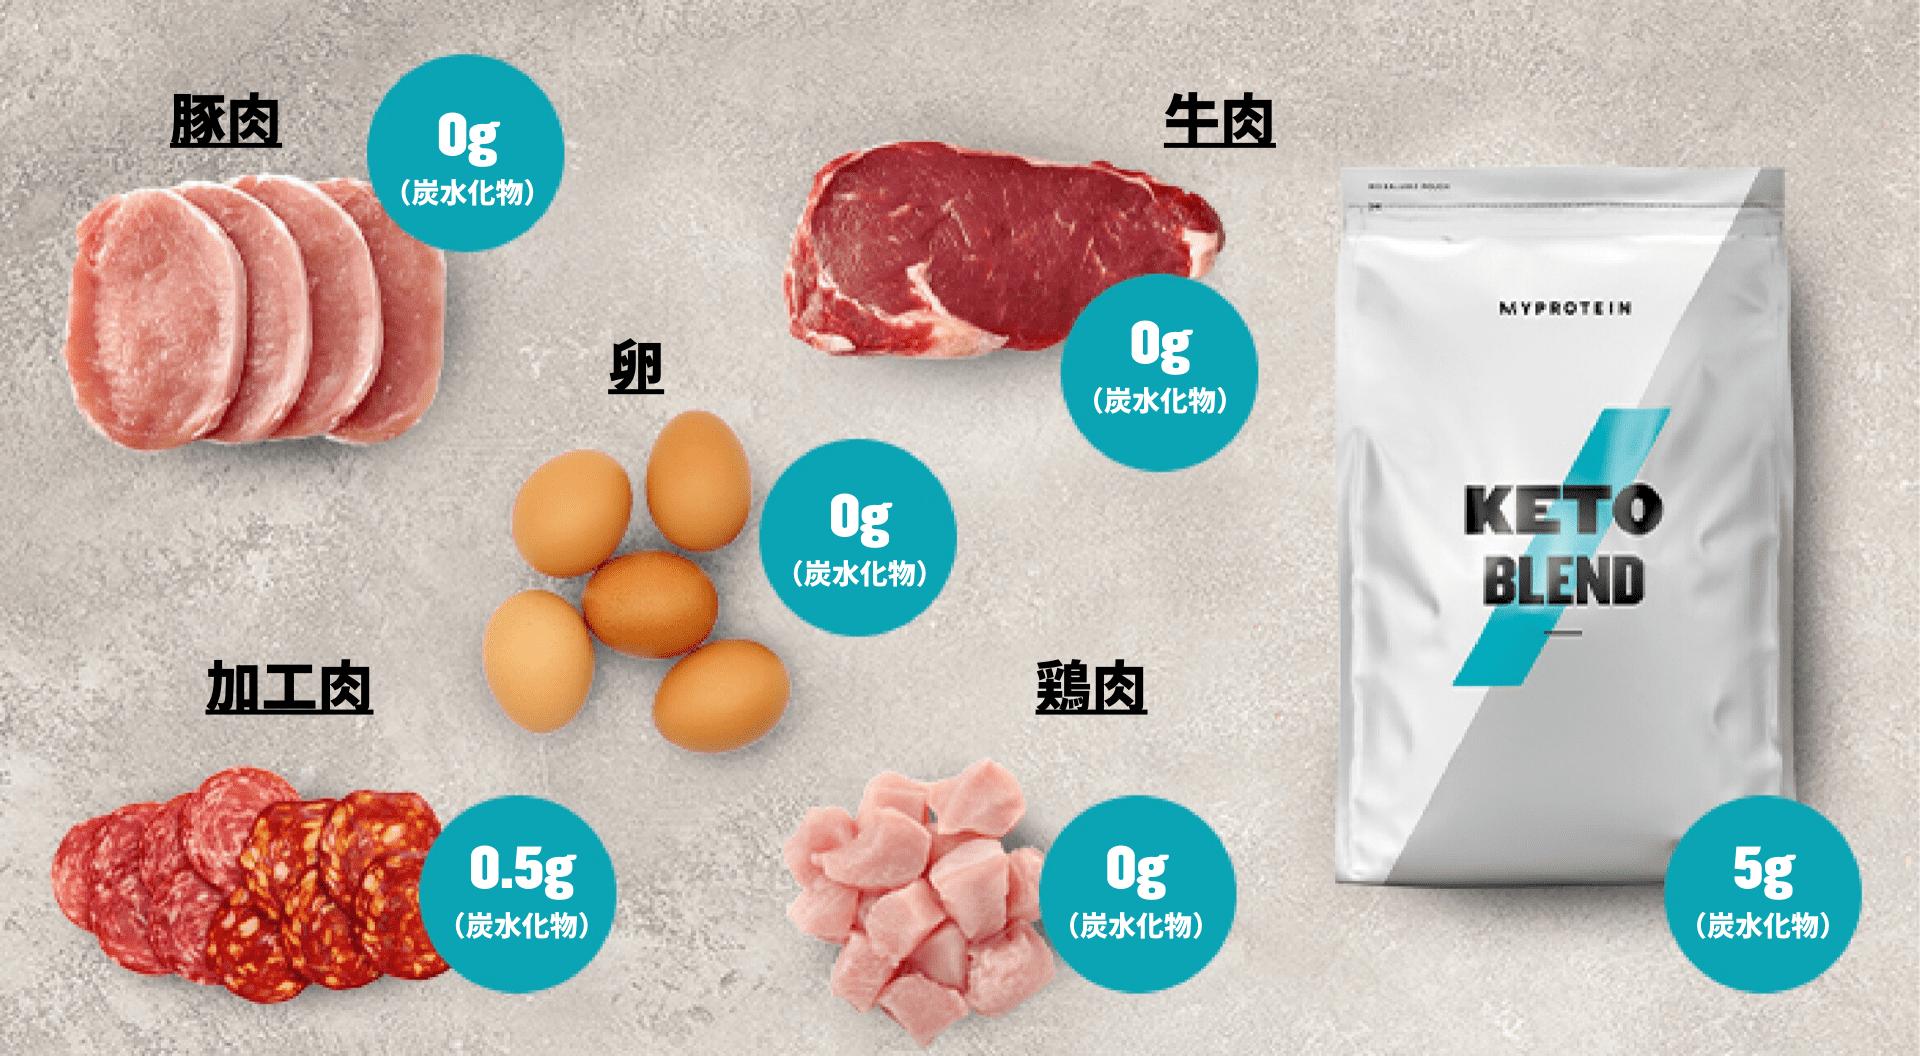 ケトジェニックダイエット 動物性タンパク質|マイプロテイン